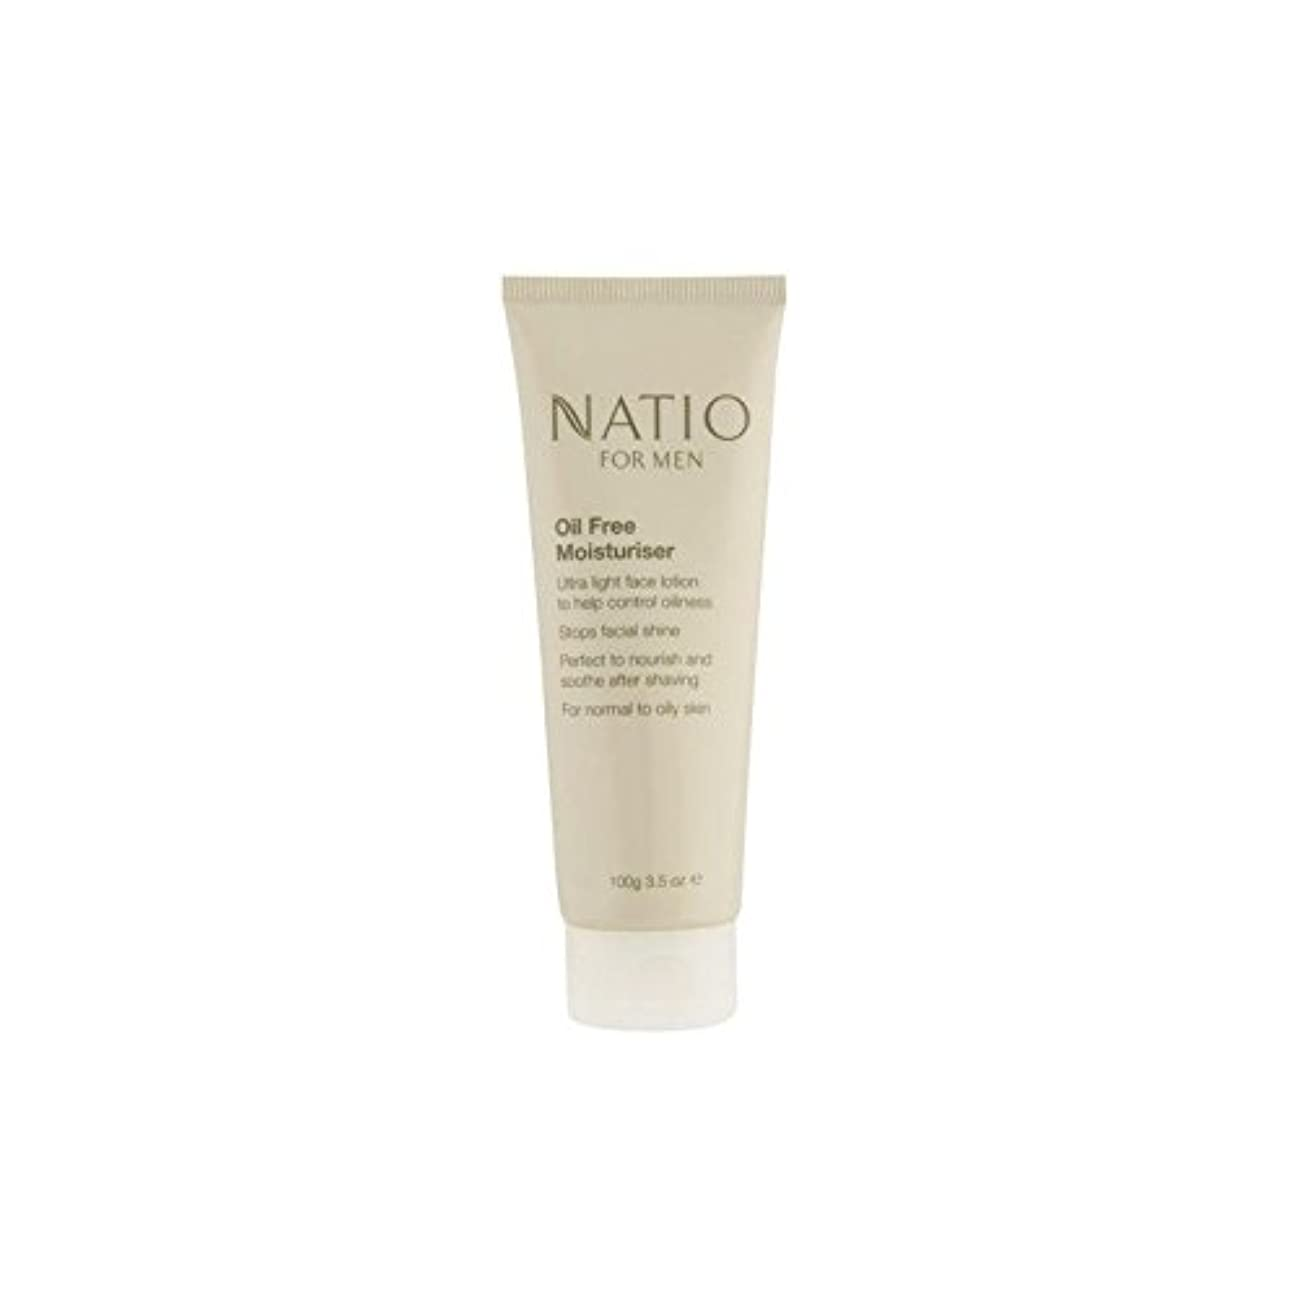 Natio For Men Oil Free Moisturiser (100G) (Pack of 6) - 男性のオイルフリーモイスチャライザー(100グラム)のための x6 [並行輸入品]